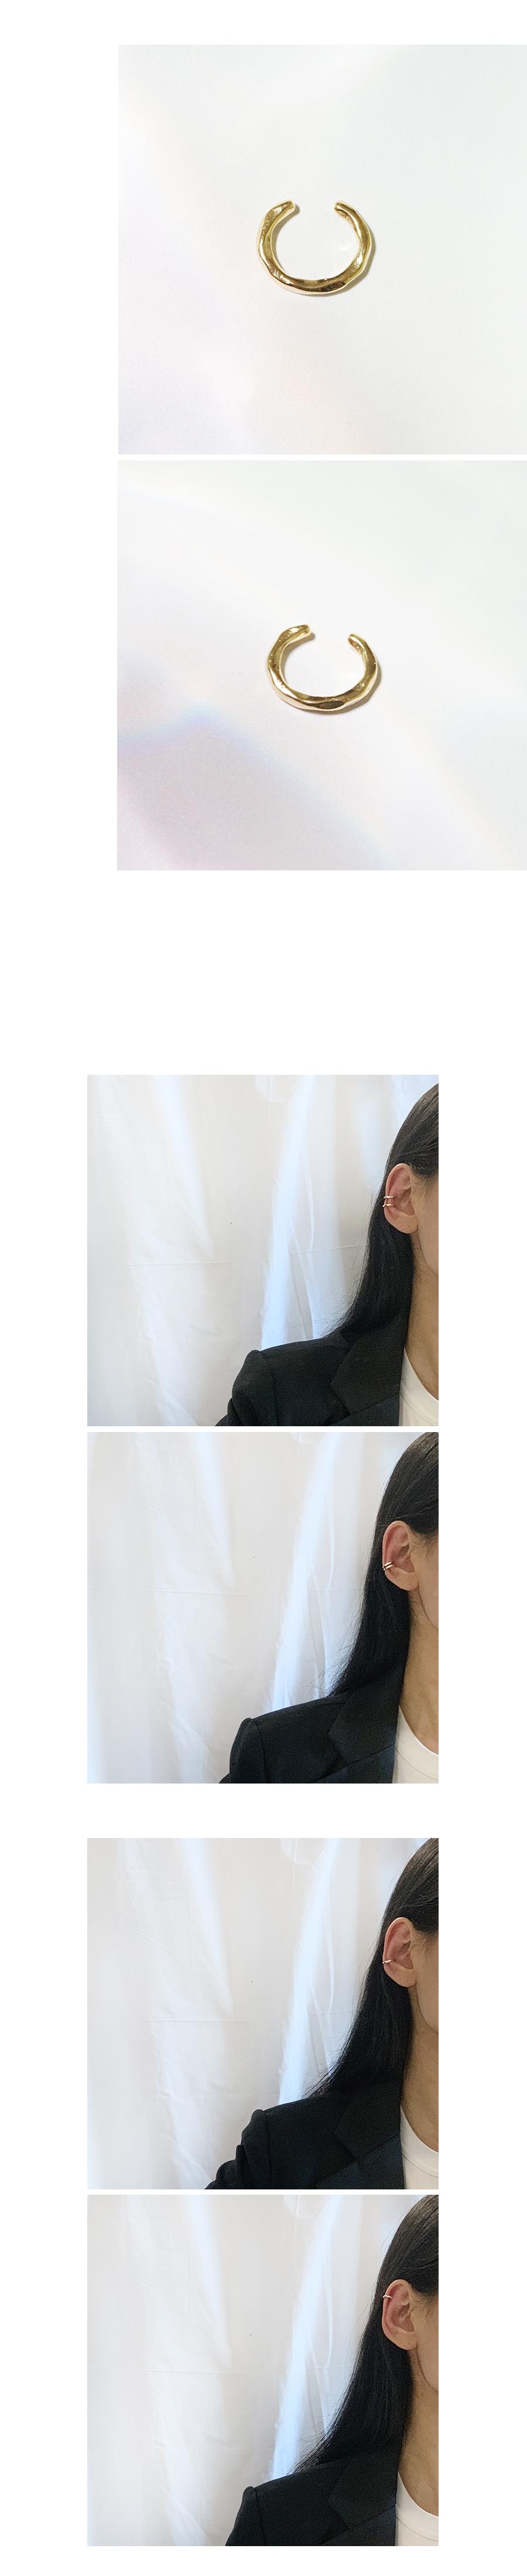 범피 이어커프 (2colors) - 무디루틴, 6,500원, 실버, 이어커프/피어싱